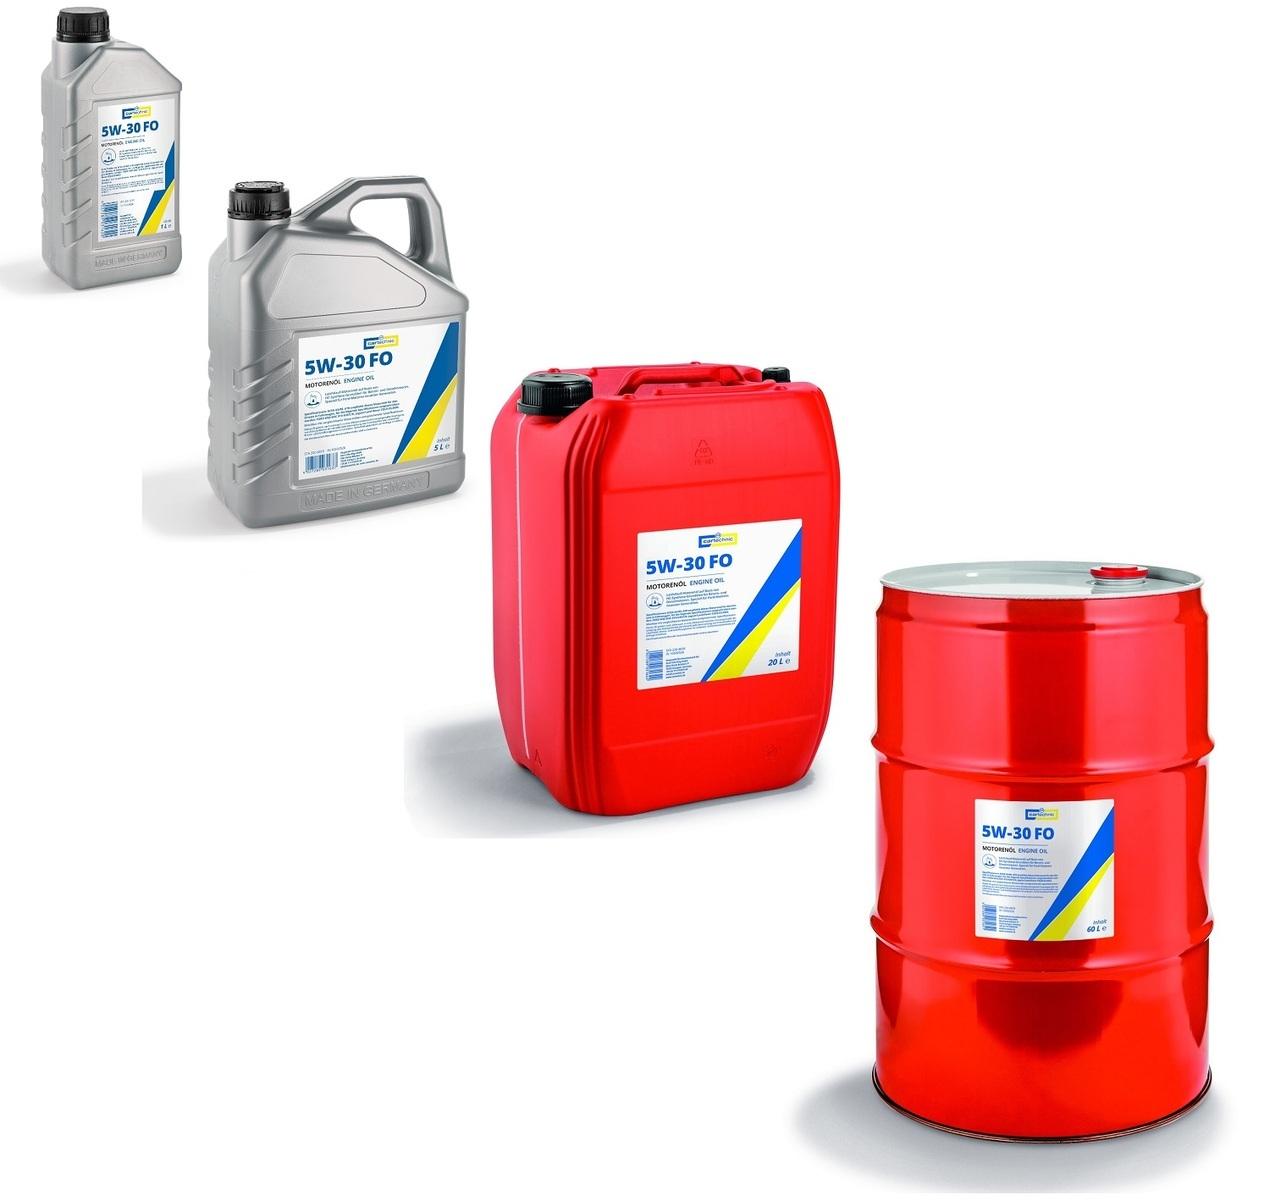 Motorový olej 5W-30 FO, pro Ford, různé objemy - Cartechnic